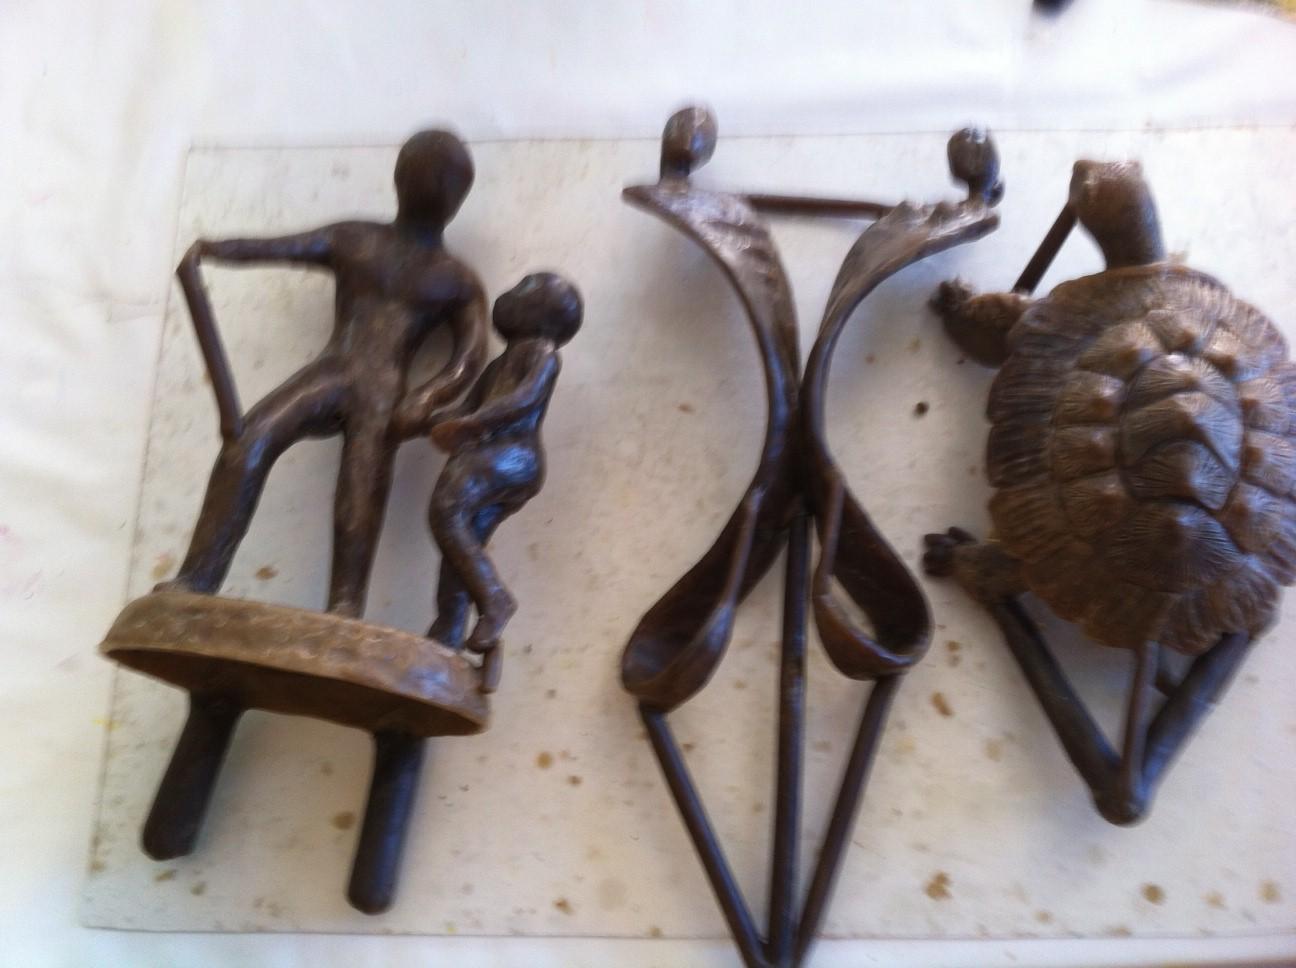 014 -2014 - 24 Lamonzie St Martin - Stage d'initiation à la sculpture chez Karine Dikoumé, artiste peintre